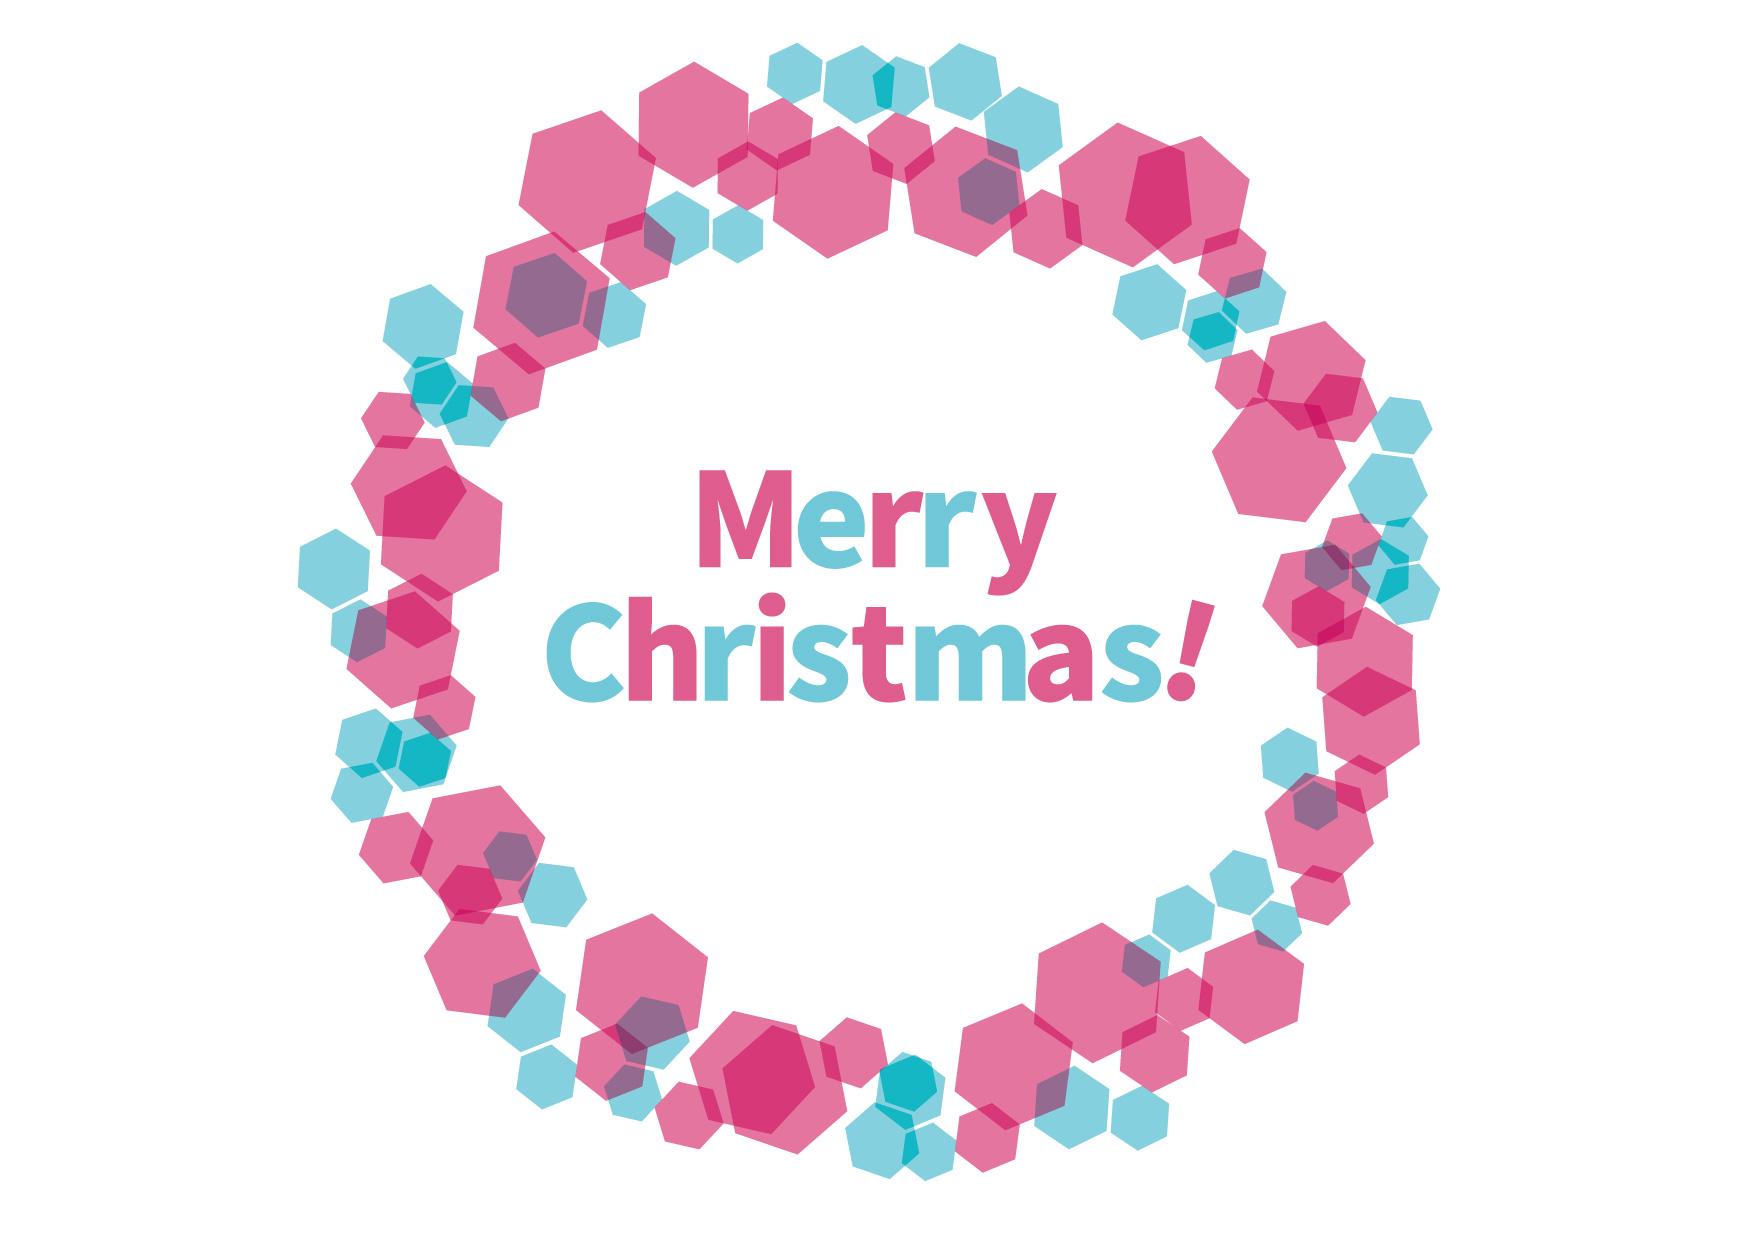 可愛いイラスト無料|クリスマスリース ピンク 水色 − free illustration Christmas wreath pink light blue